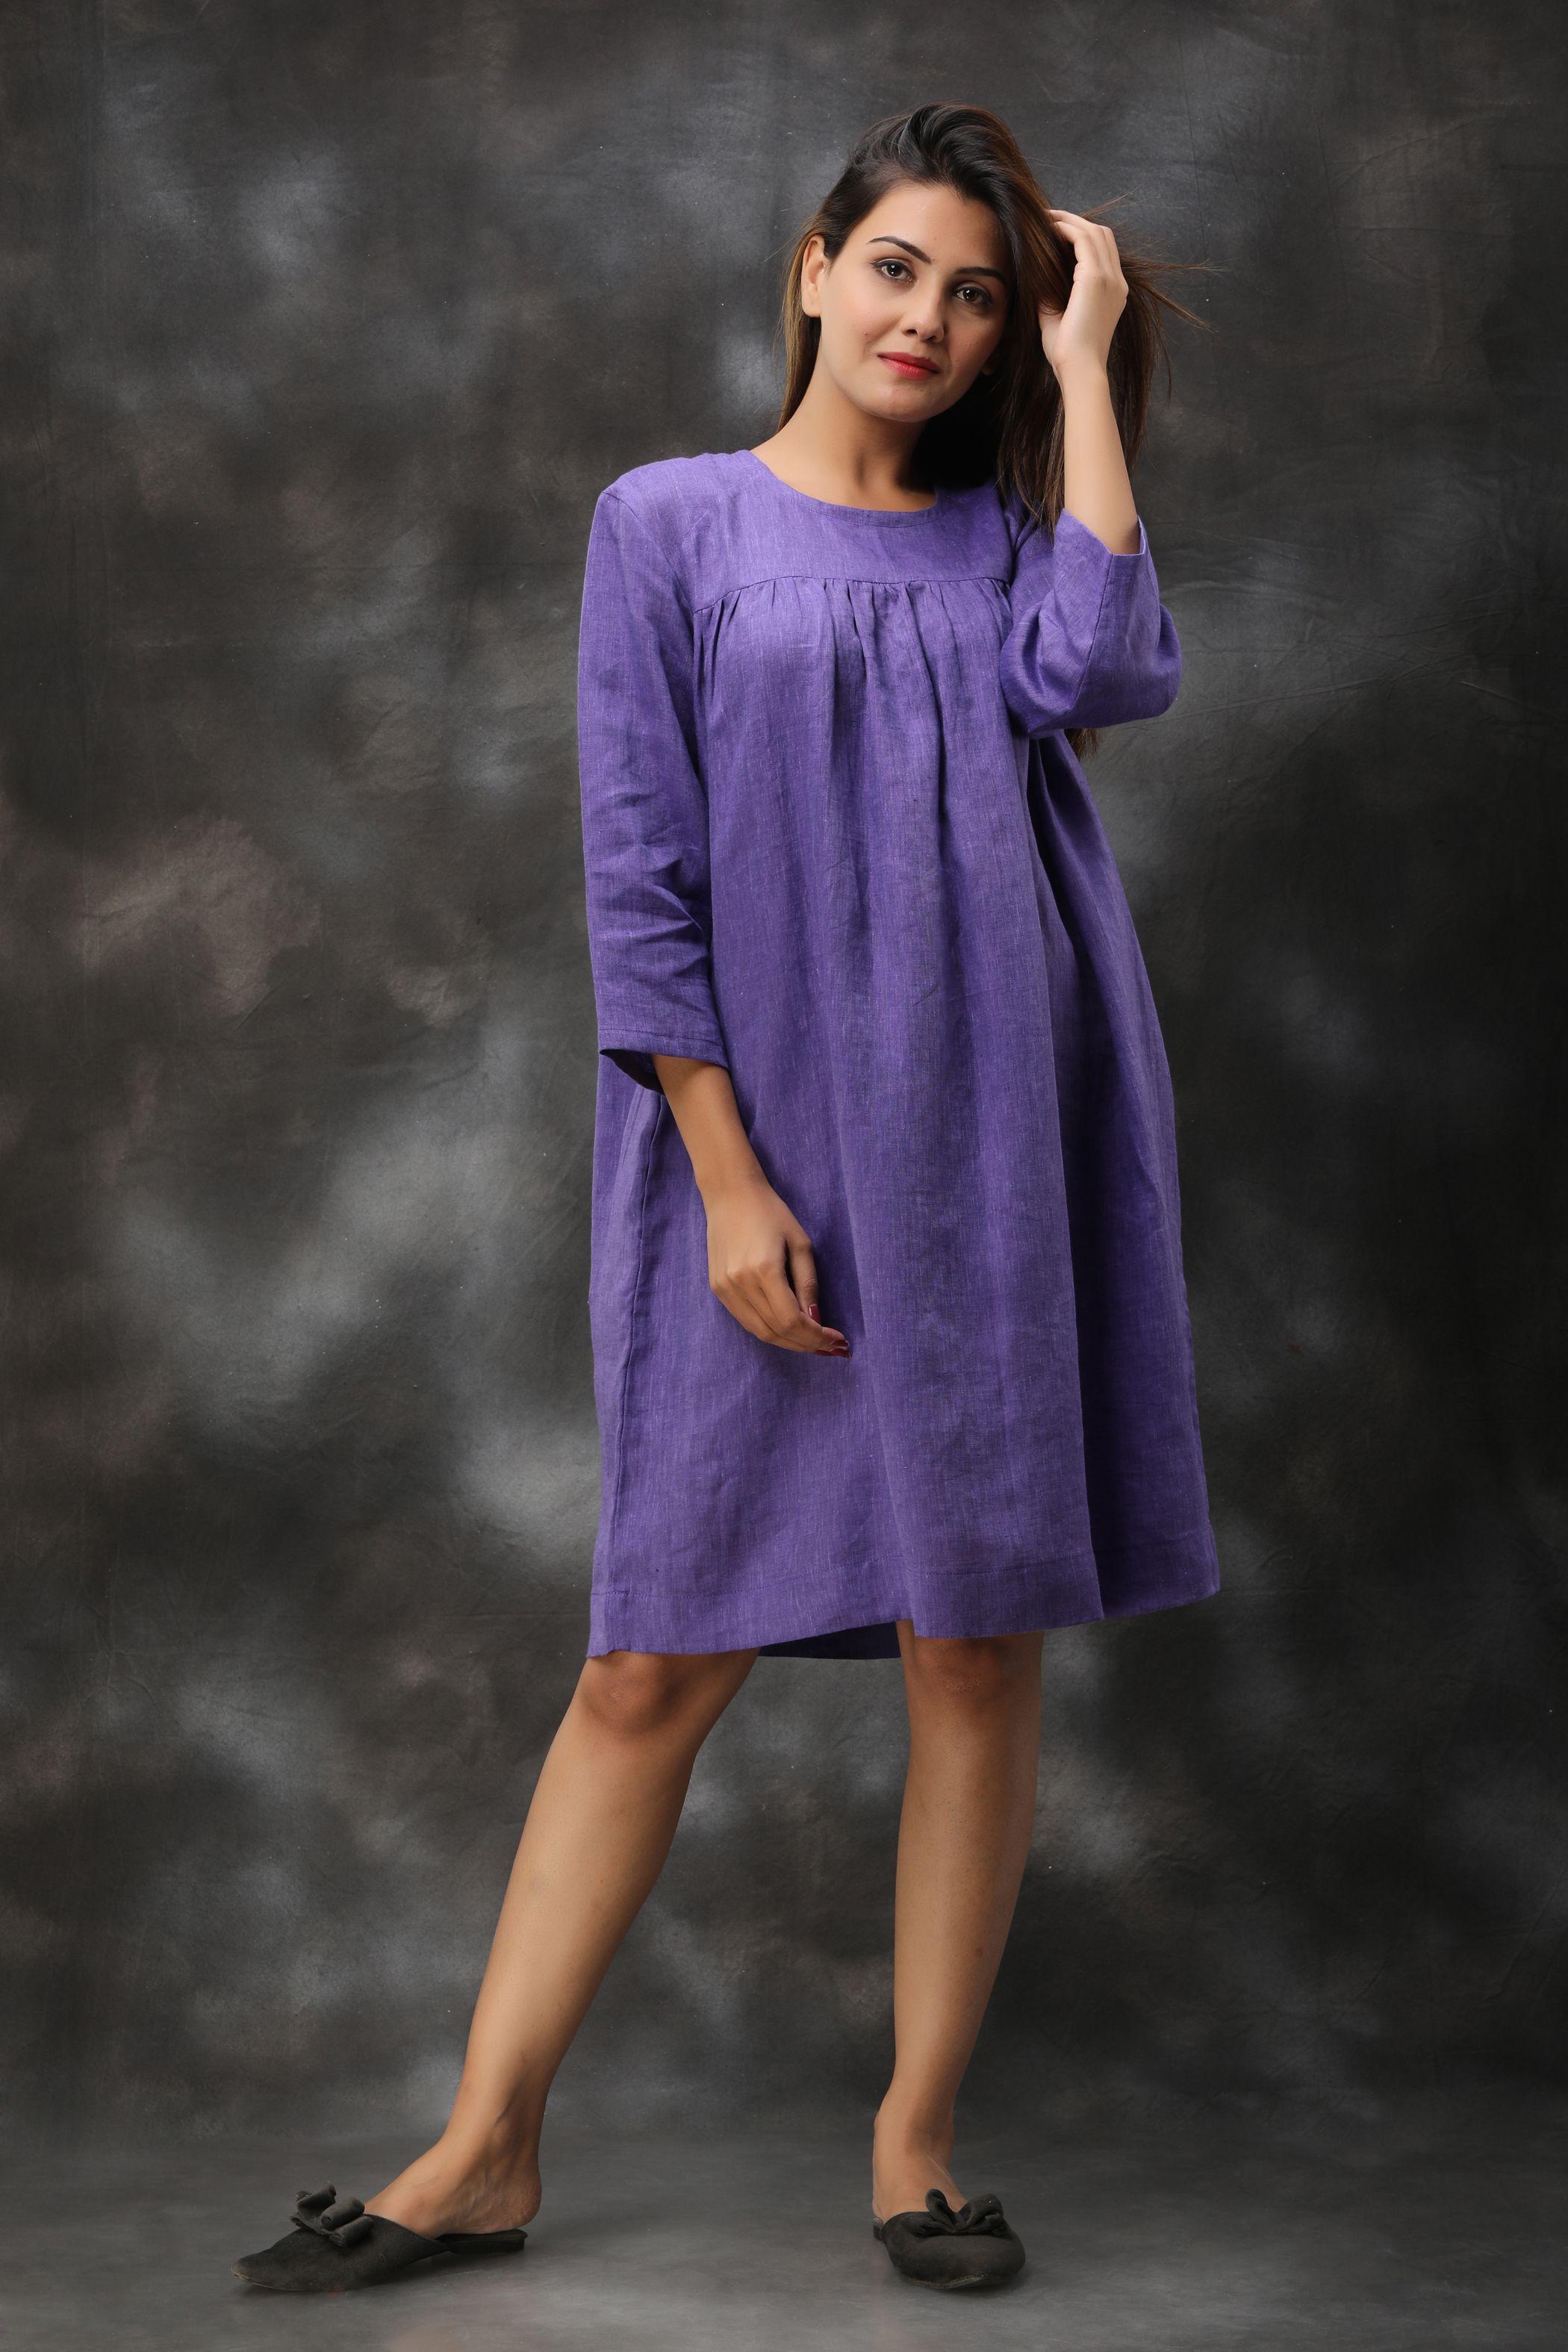 Loose Linen Dress #linentunic